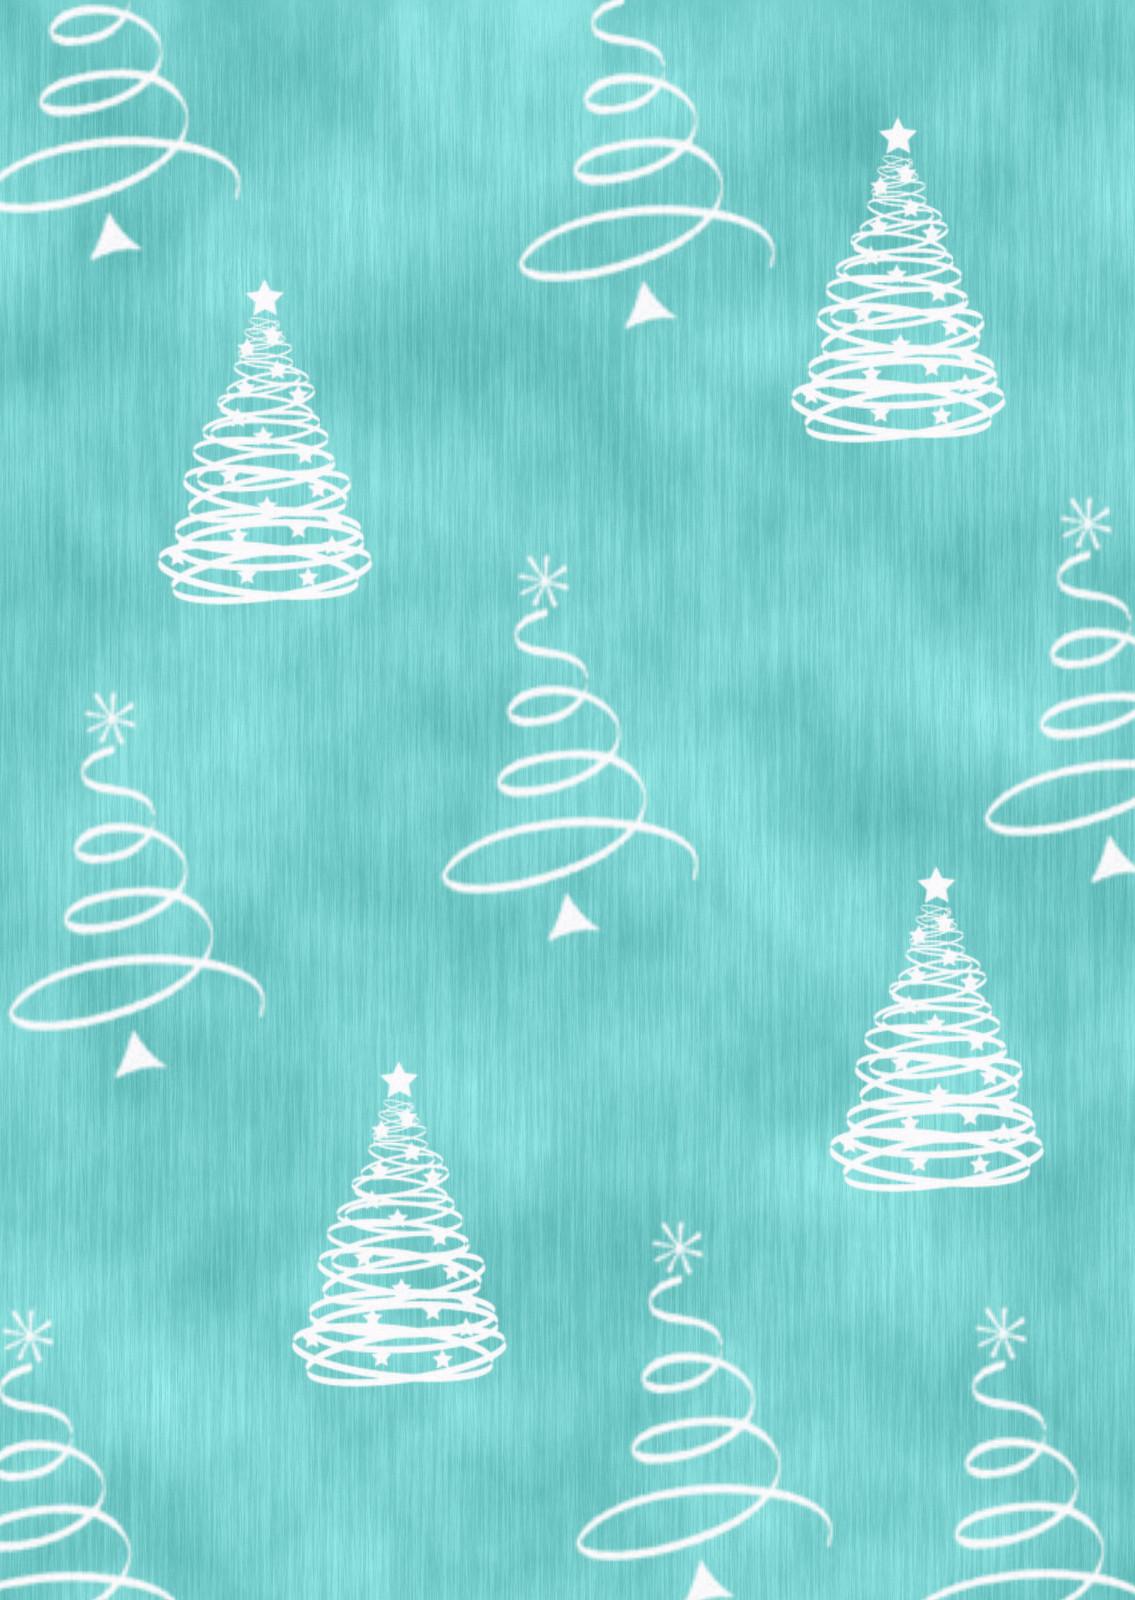 Free Printable Christmas Paper Free Printable Christmas Wrapping Paper